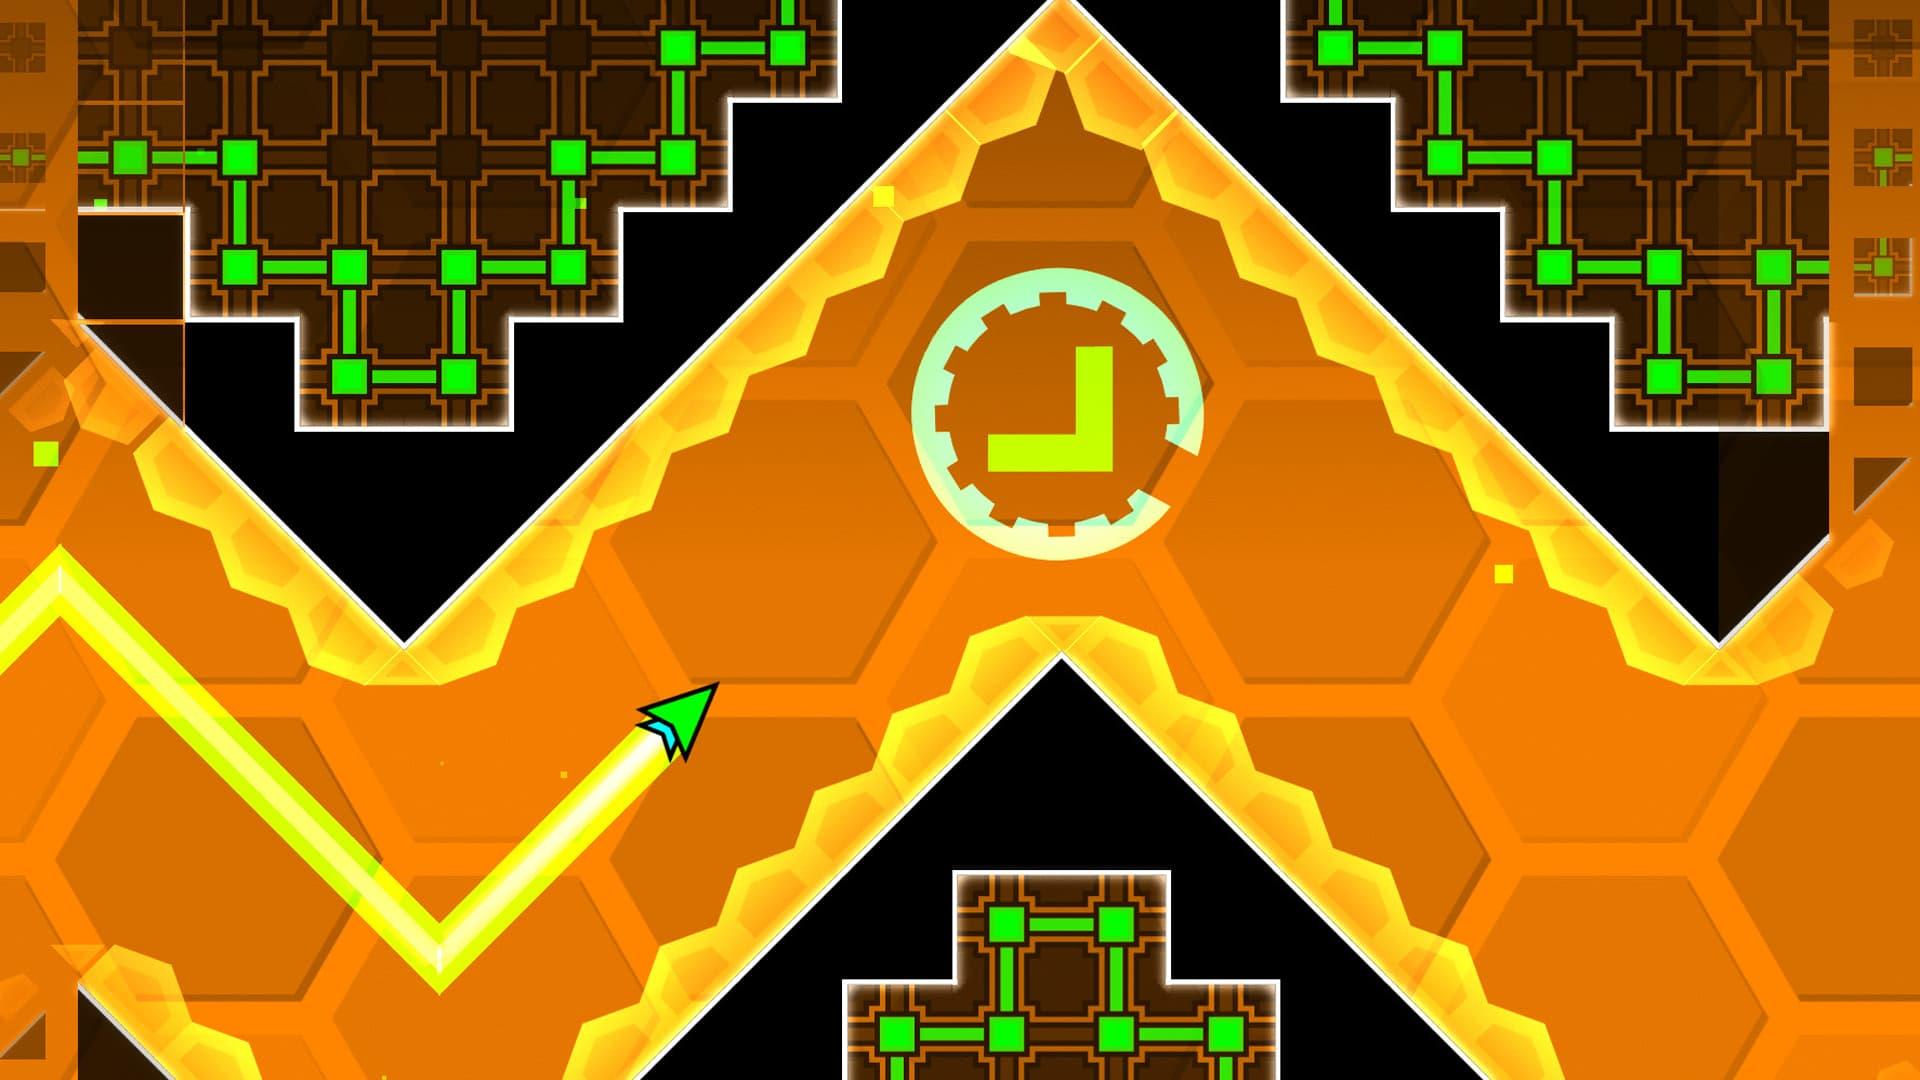 Votre cube se transforme en navette spatiale le temps d'un niveau.